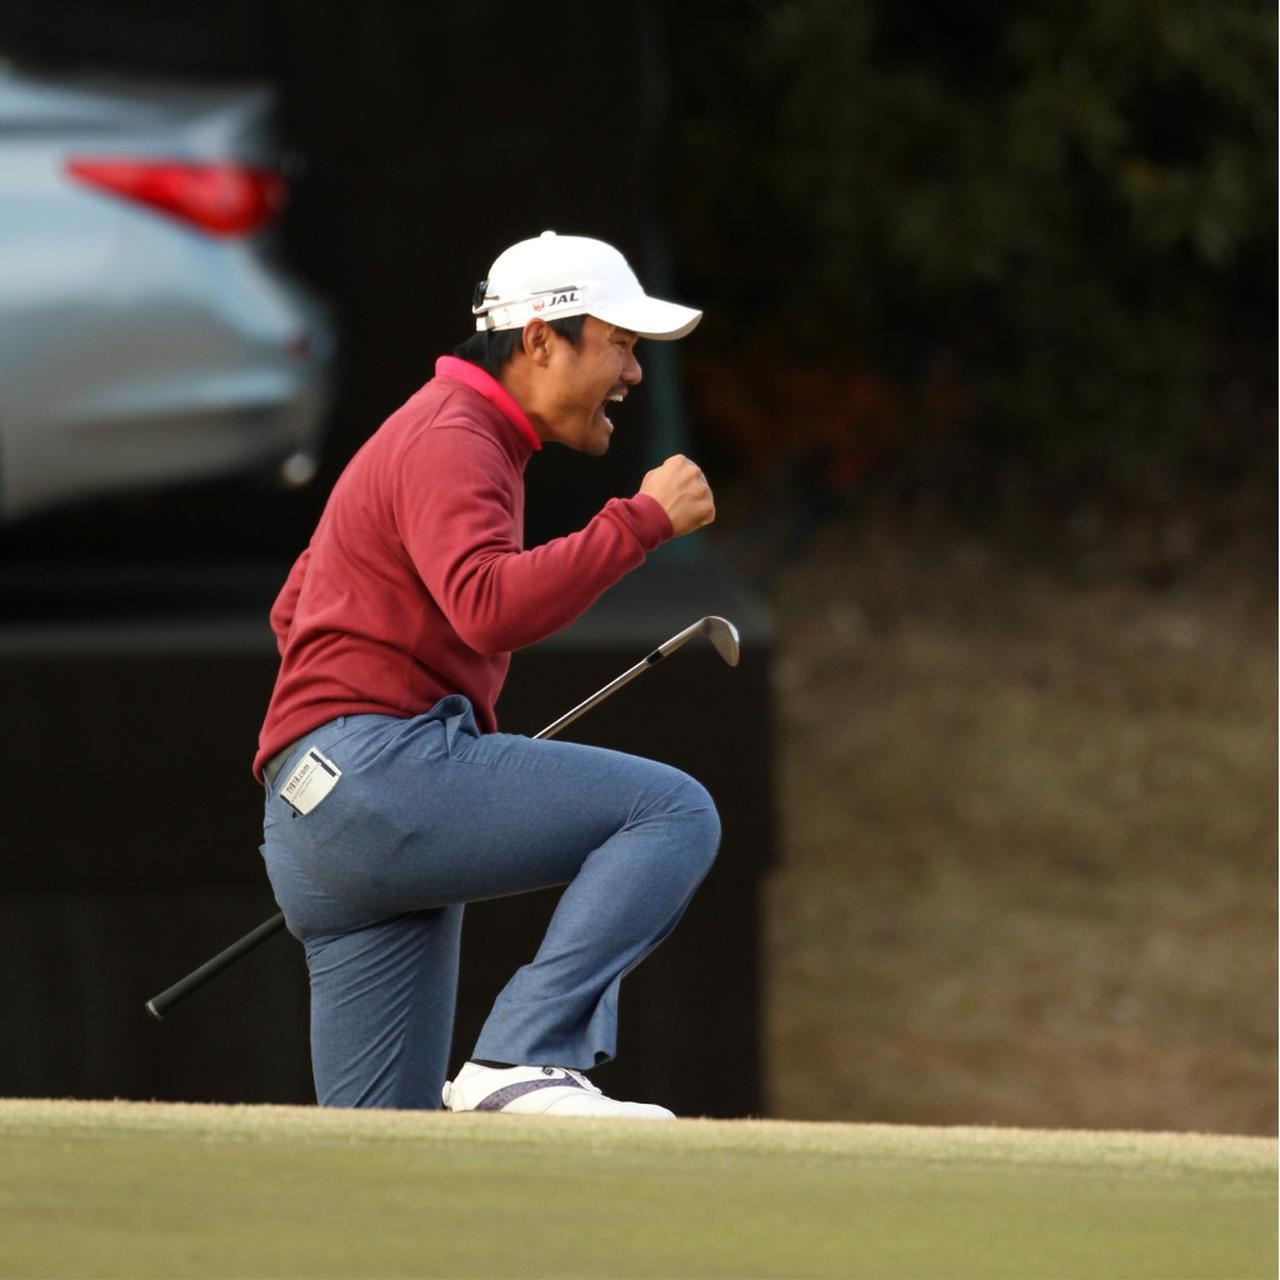 画像12: 【ゴルフ史】記憶と記録に残る。21世紀ニッポンのツアー、そのとき歴史は動いた